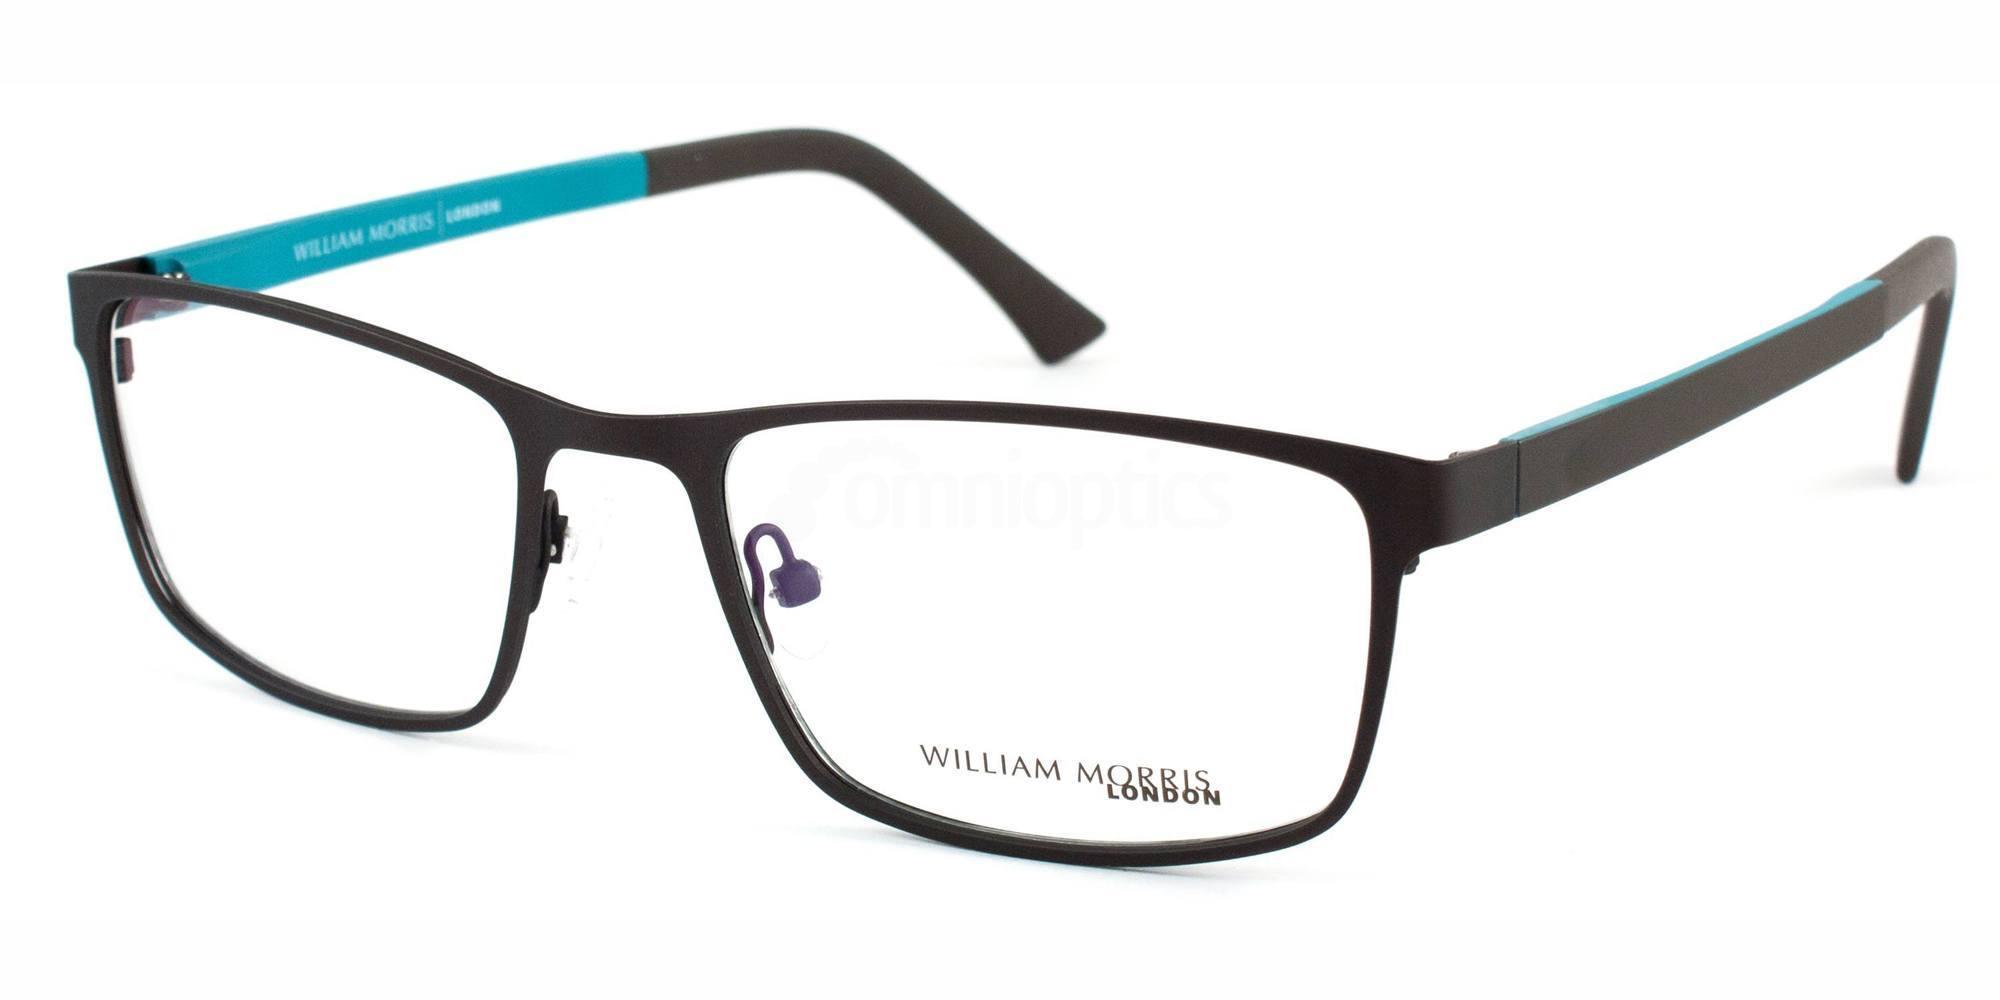 C1 WL1011 , William Morris London